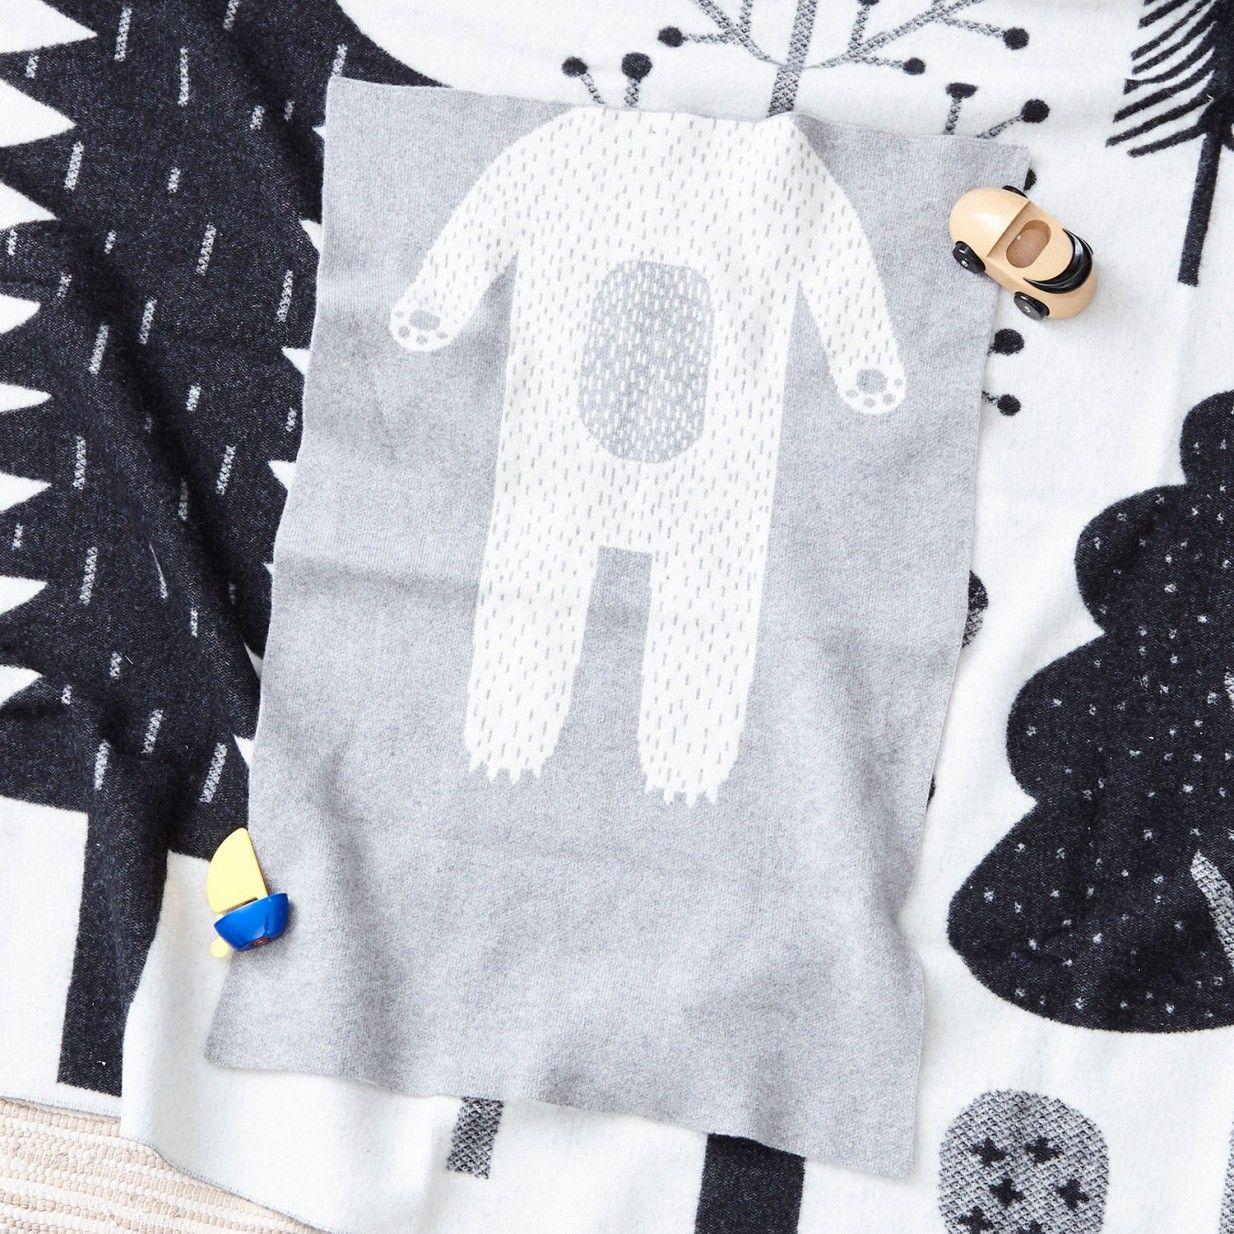 Kinderzimmer decke design bär minidecke  donna wilson  inspiriert von ihrer kindheit im